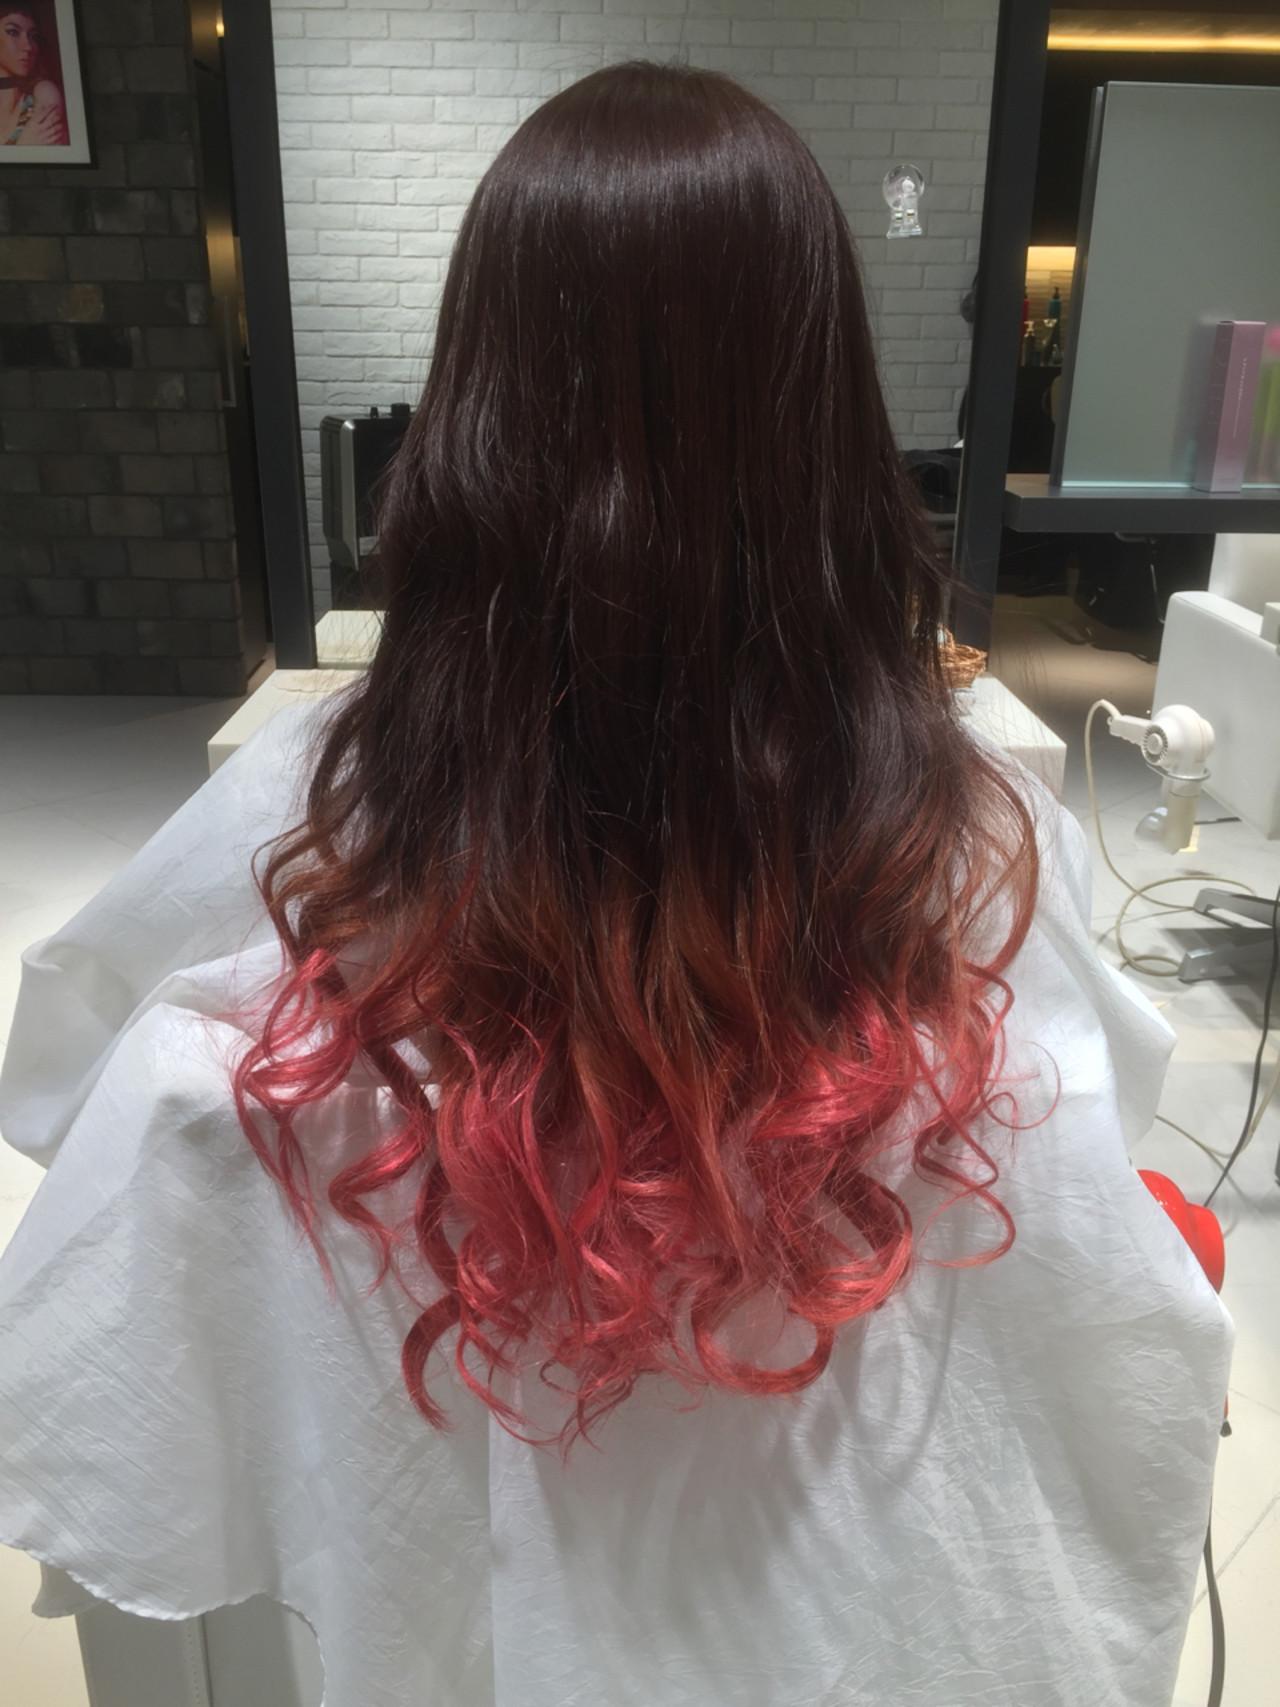 グラデーションカラー ピンク レッド ストリートヘアスタイルや髪型の写真・画像